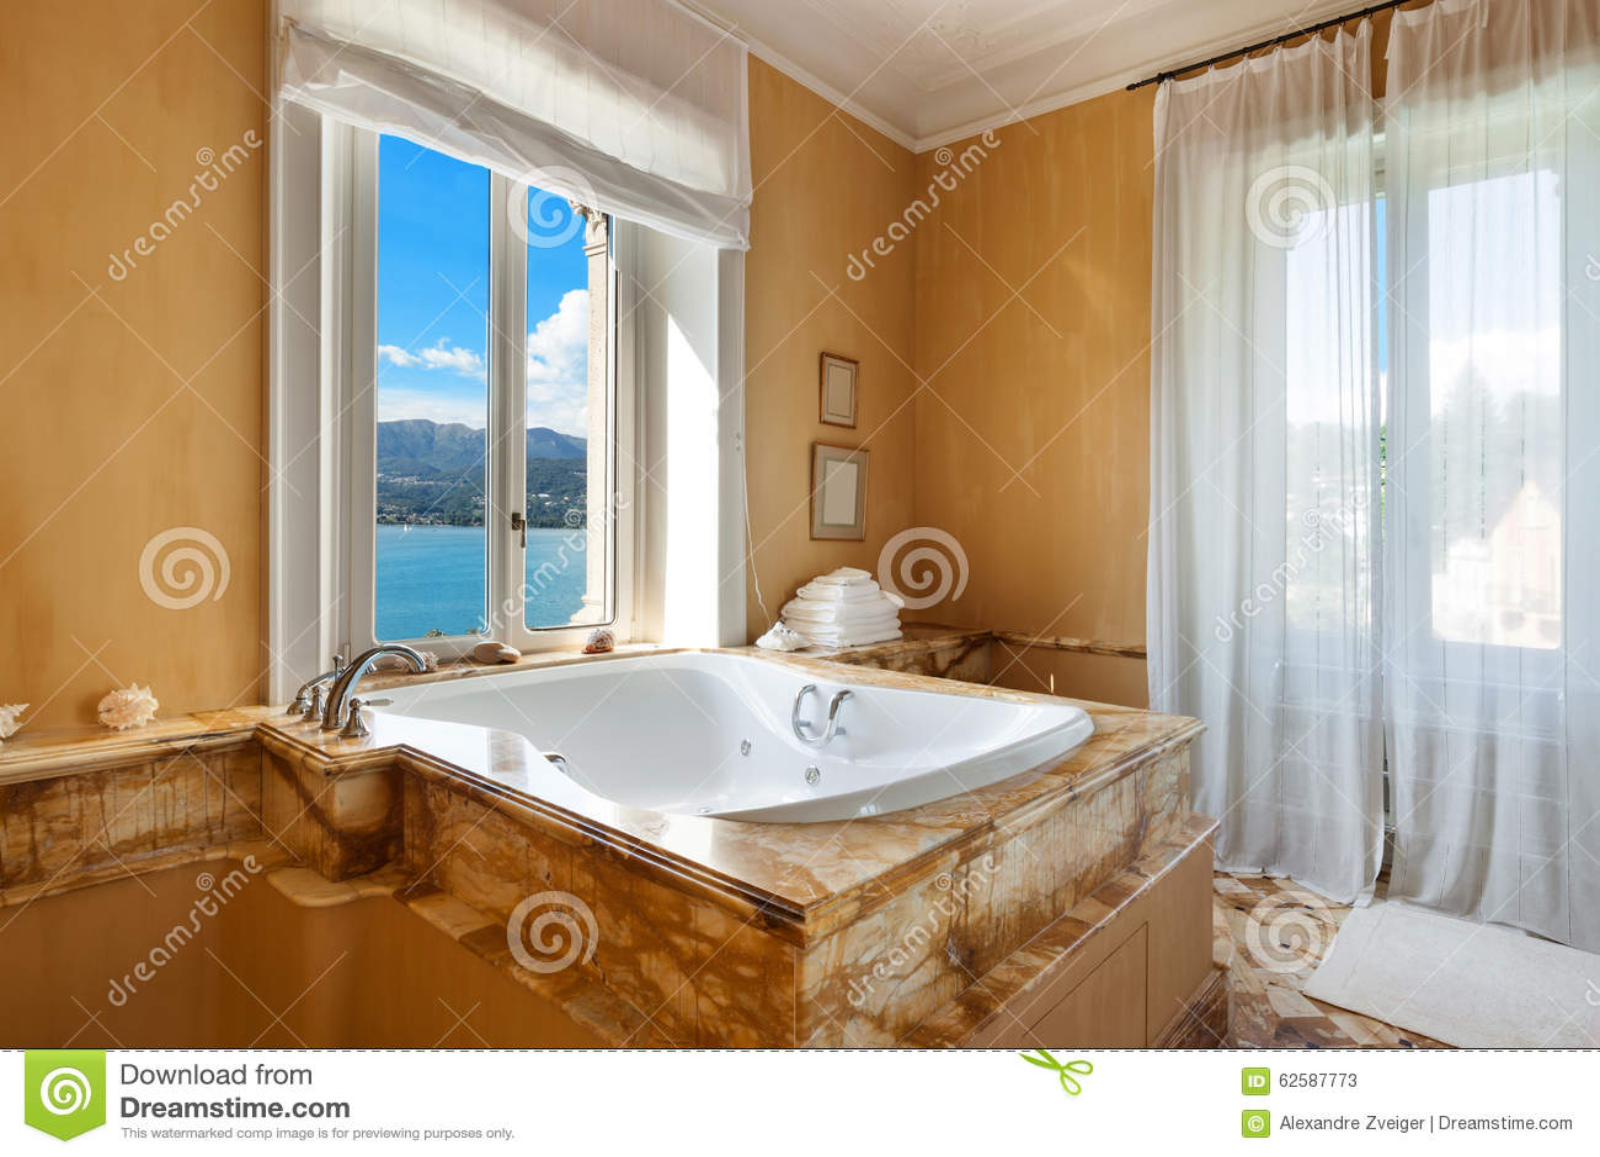 Mooie badkamers met jacuzzi stock afbeelding afbeelding 62587773 - Mooie badkamers ...